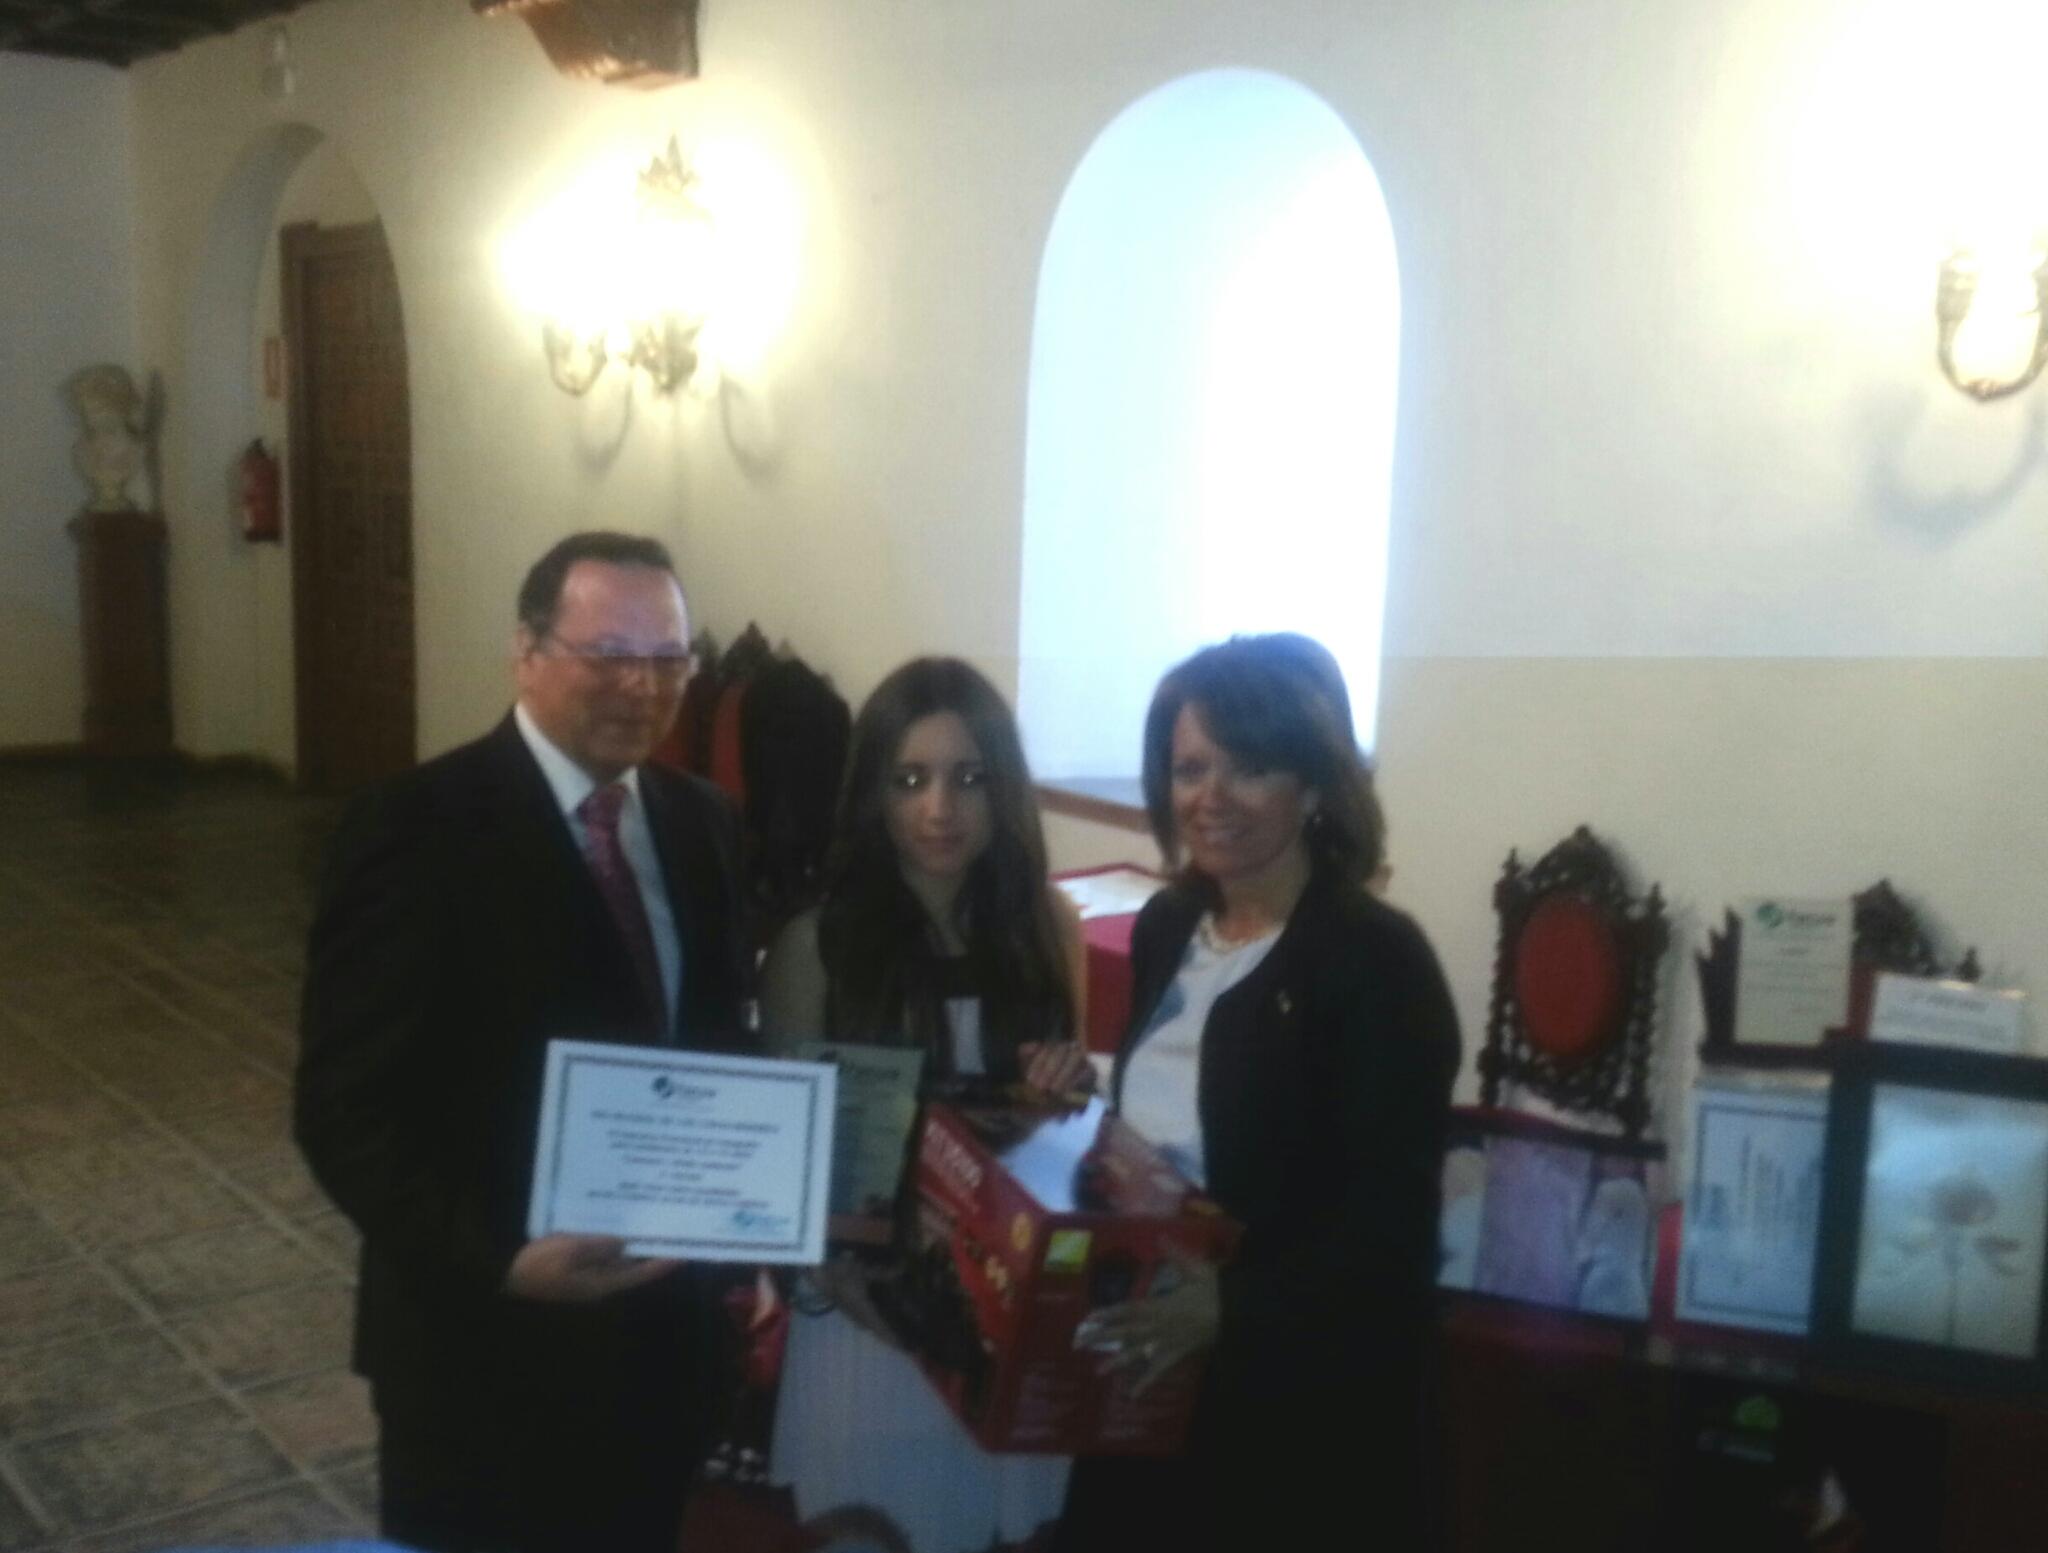 198374e6317 La alumna Mª TRINIDAD TAPIA GUERRERO de 3ºB se proclama ganadora del 2º  premio en el 5º Concurso Provincial de Fotografía para estudiantes de 12 a  18 años.